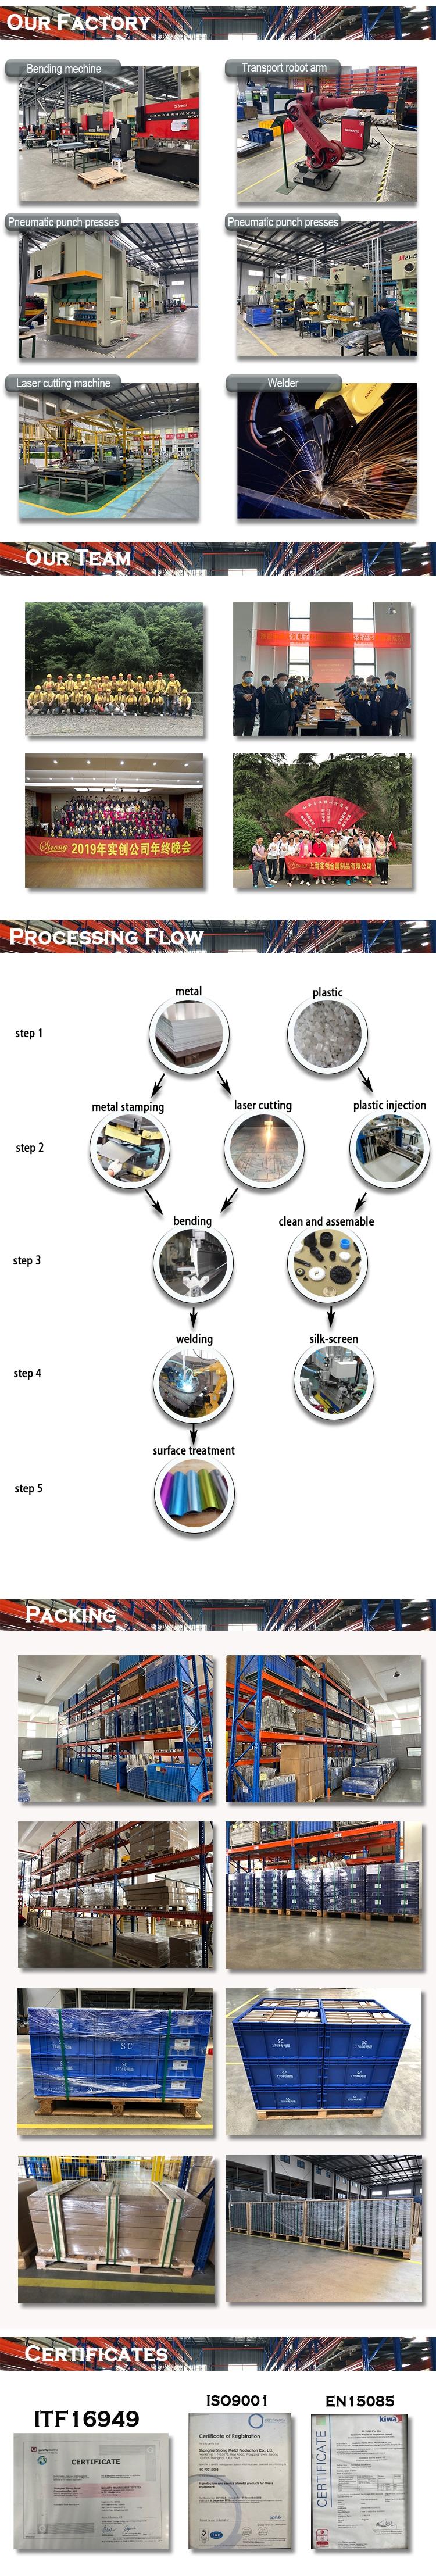 سخان مياه يعمل بالغاز أجزاء لوح ألومنيوم تصنيع المعادن منتجات الألومنيوم الصفائح المعدنية